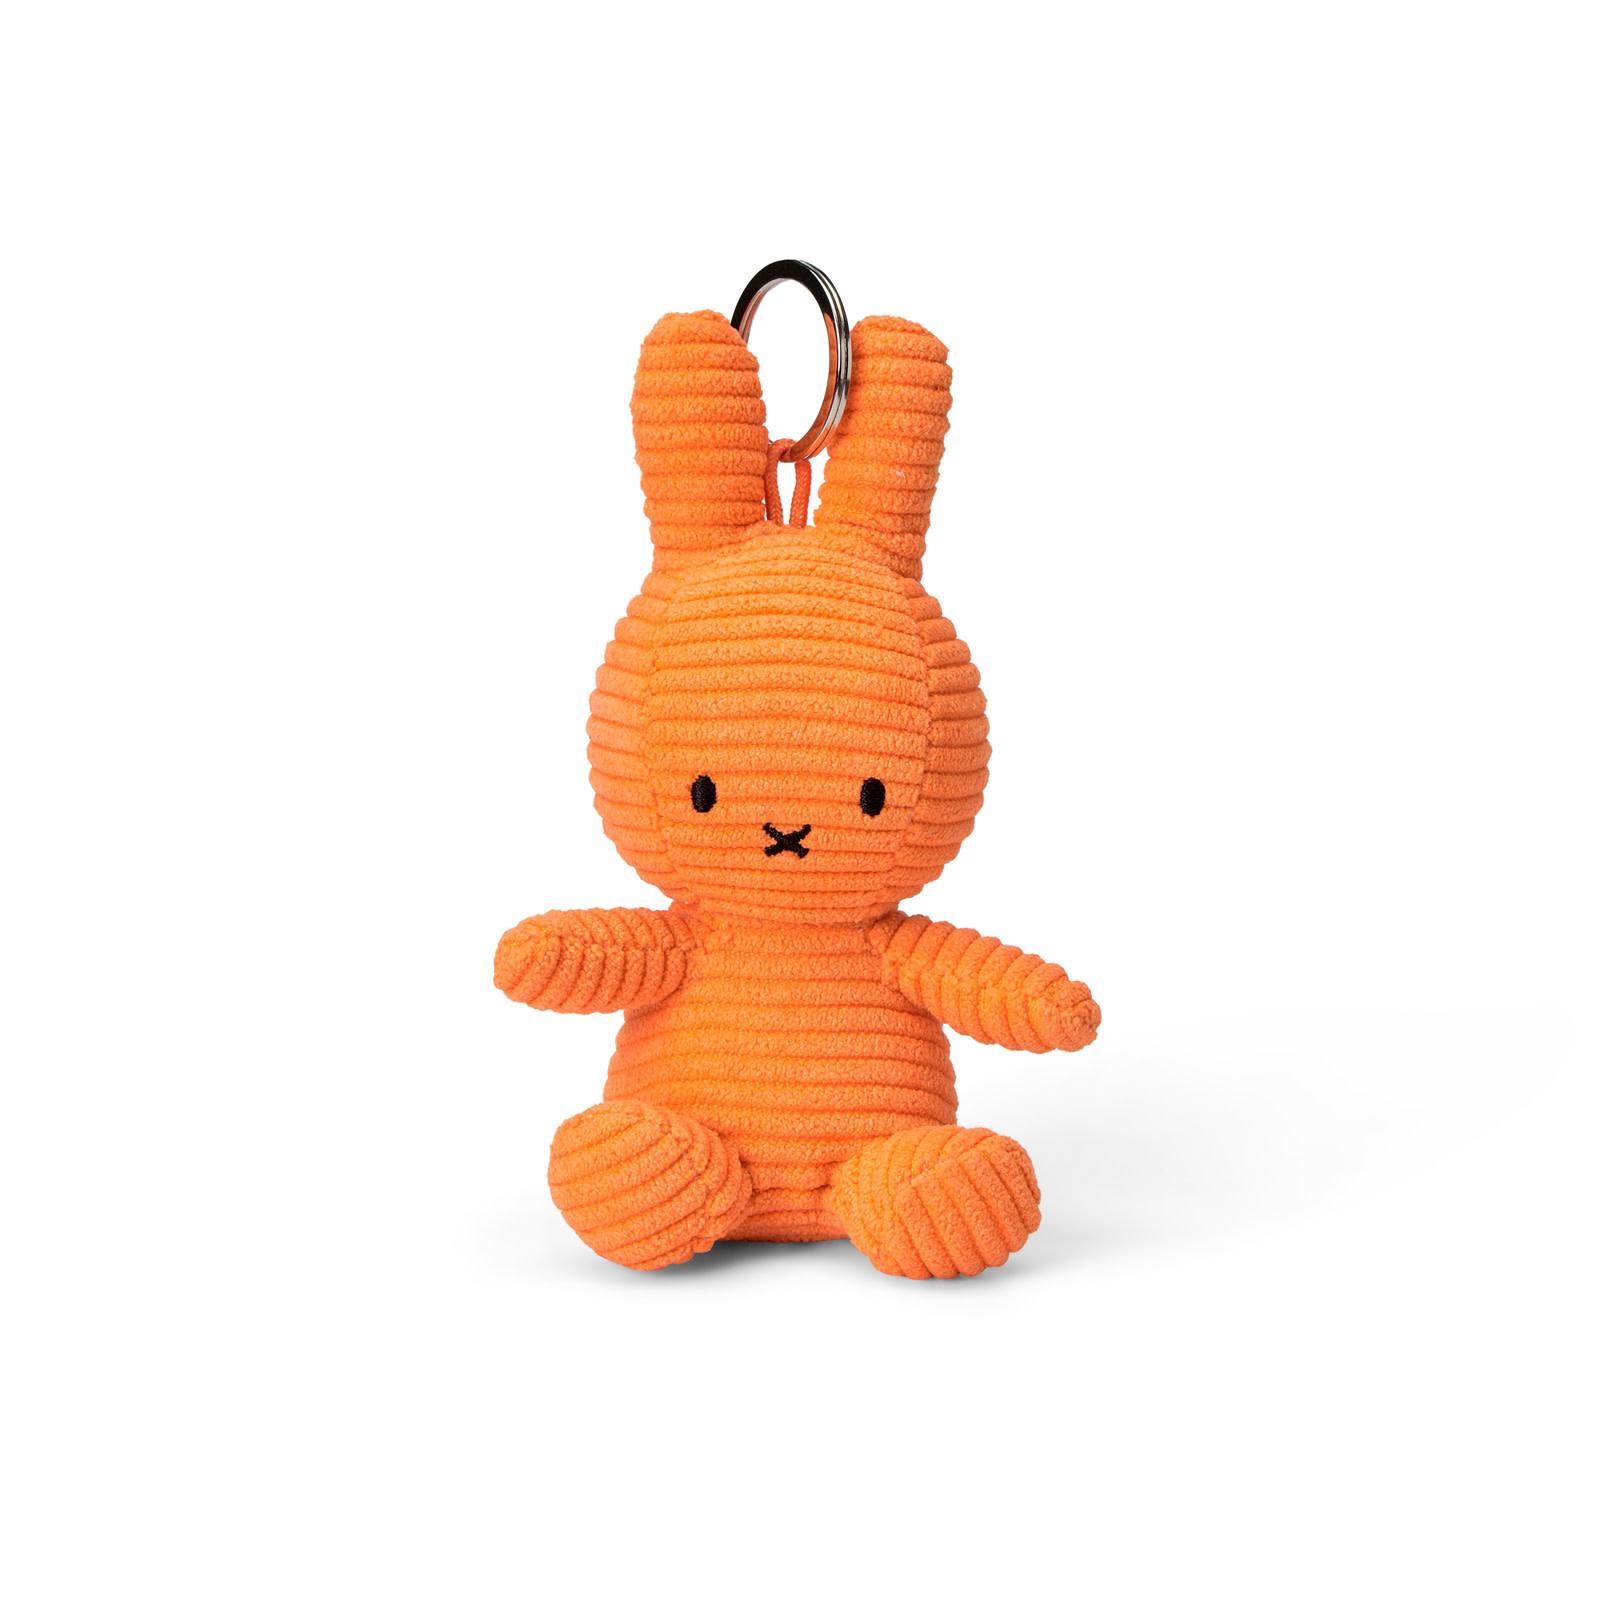 Nijntje/Miffy/Snuffy Miffy Keychain Corduroy Orange 10cm